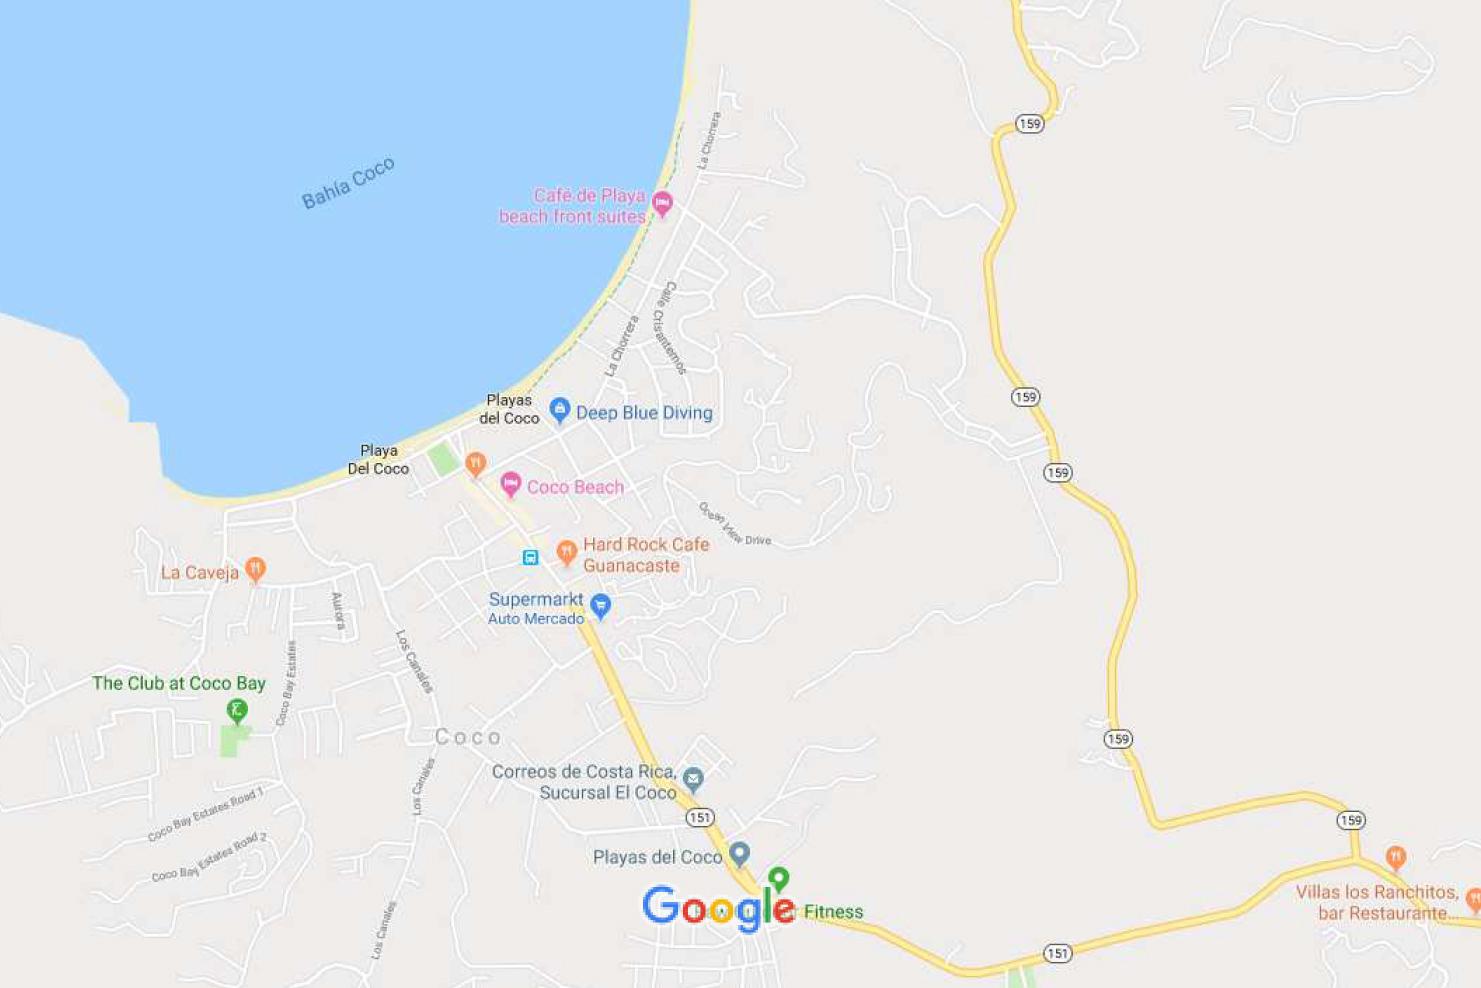 KARTE FINDE DEEP BLUE DIVING in Playas del Coco, Costa Rica